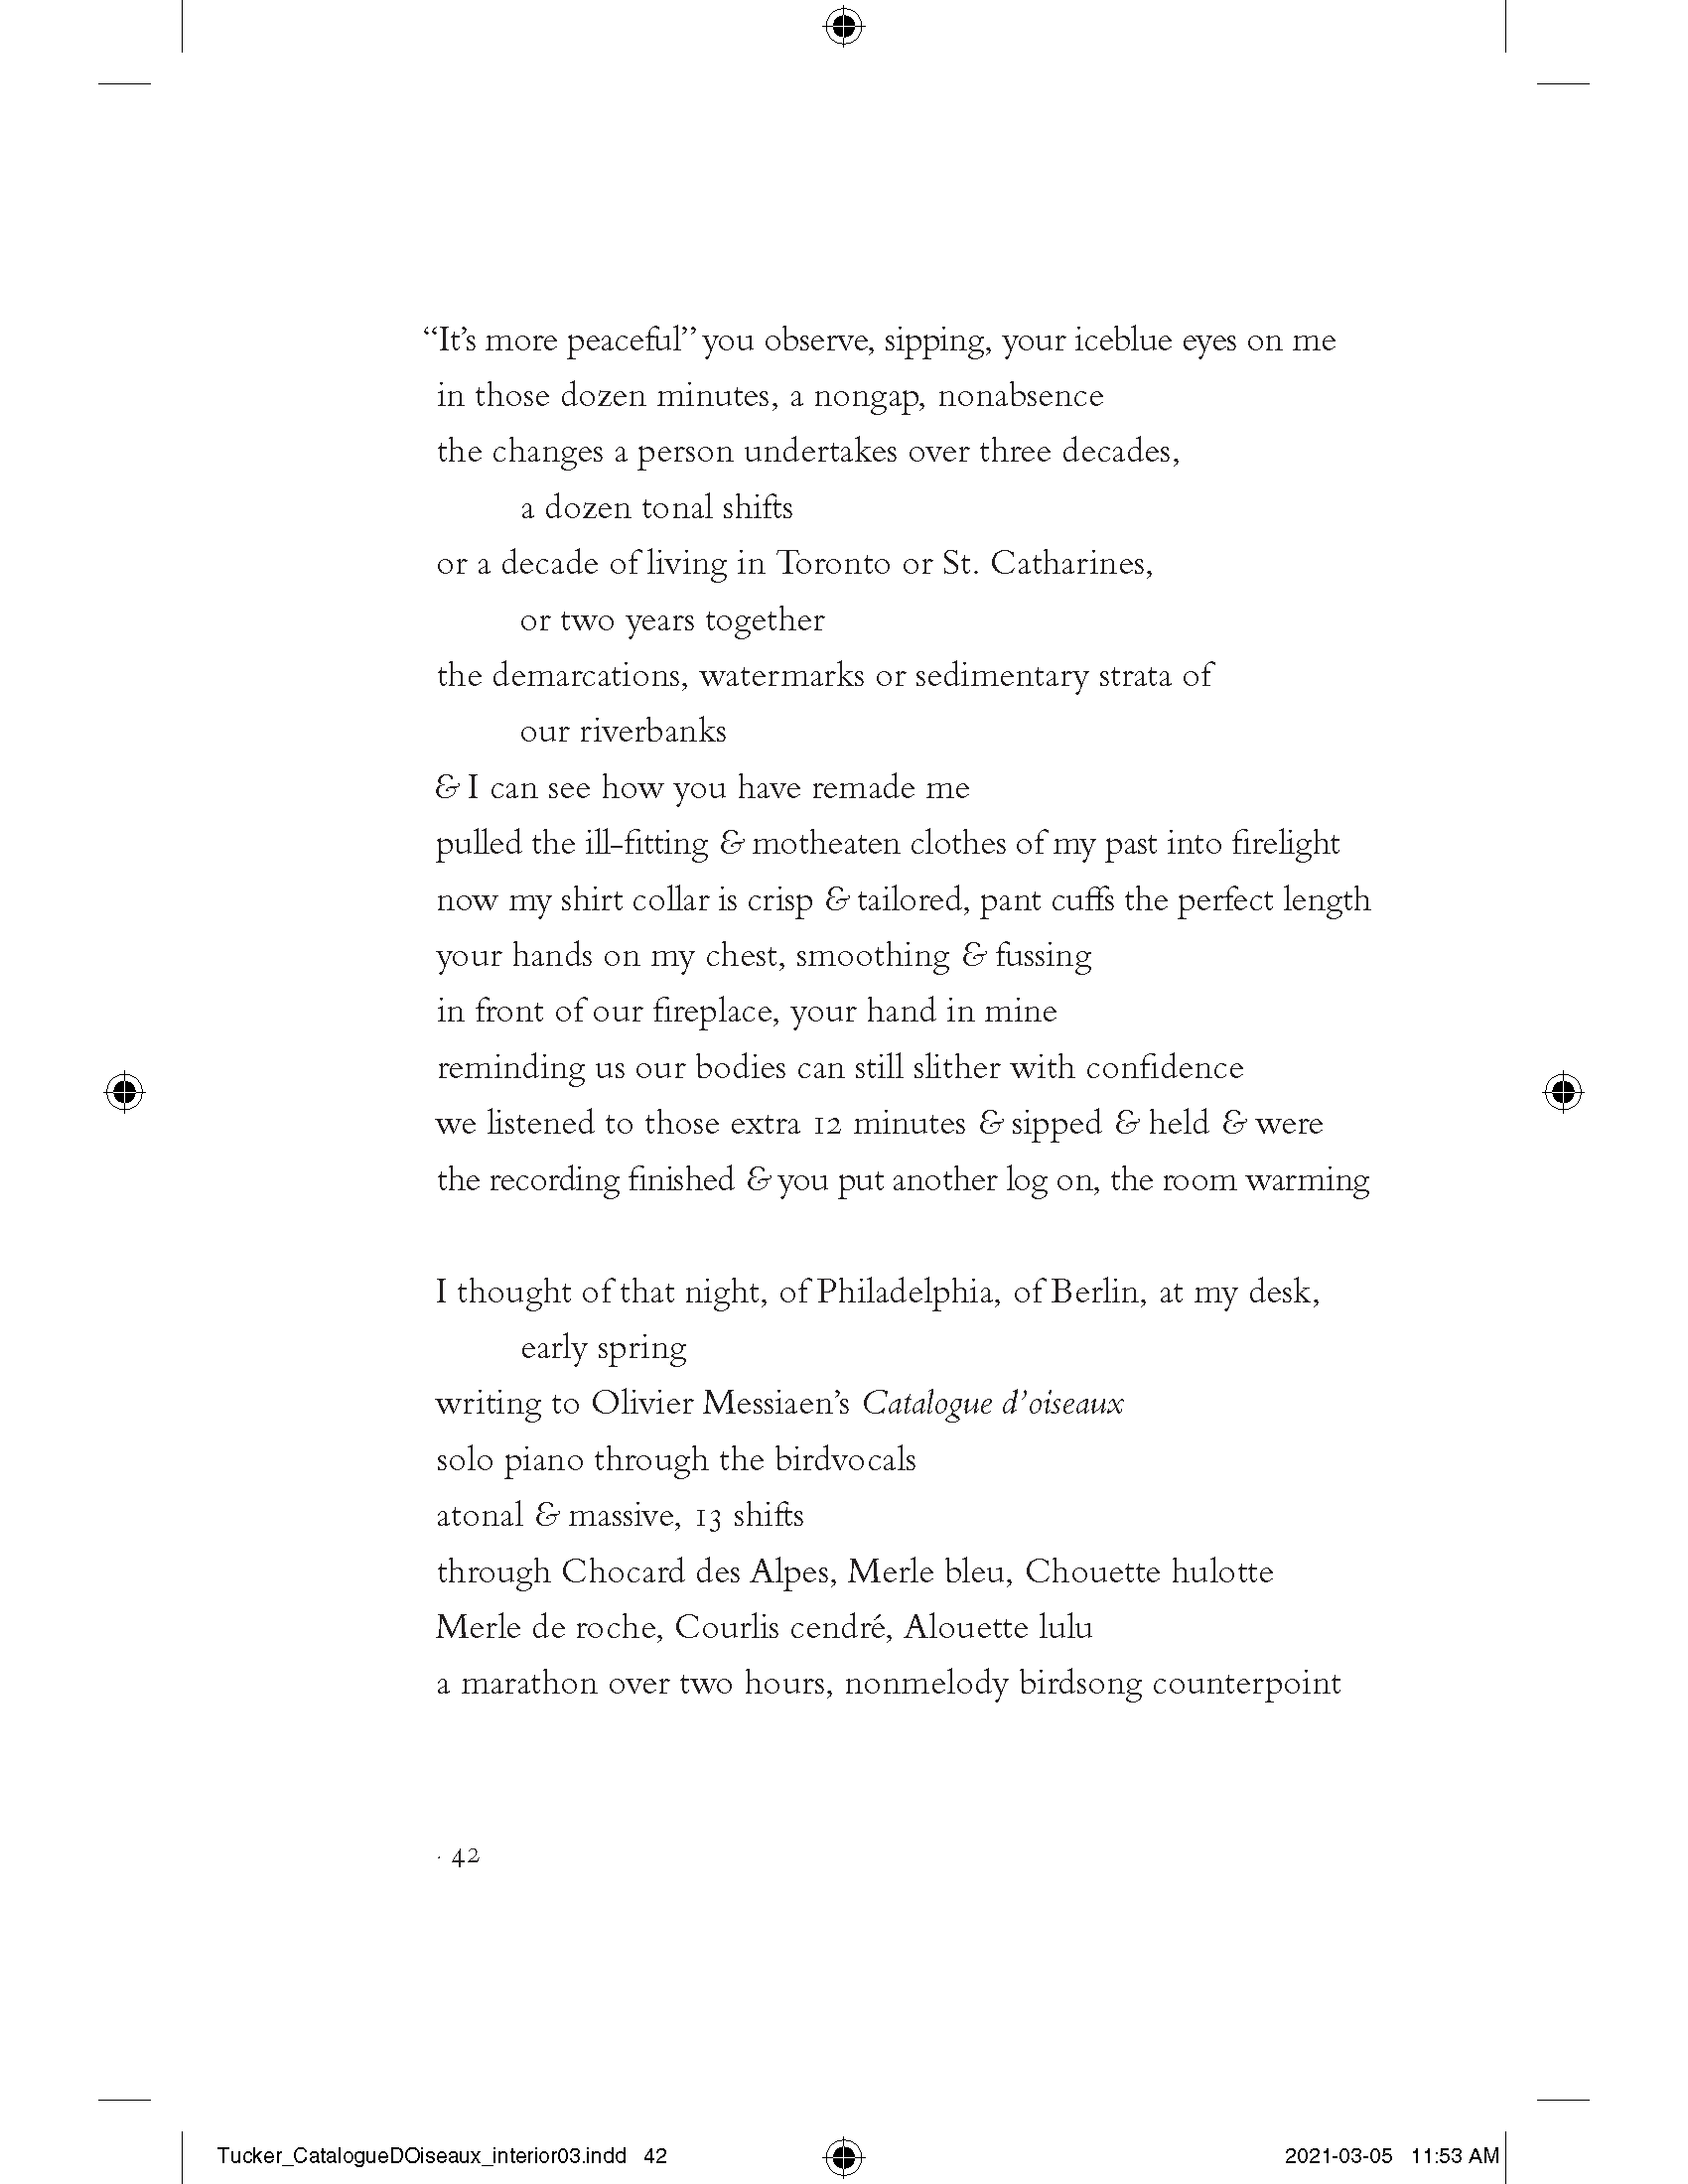 """""""Catalogue d'oiseaux,"""" pp. 42"""